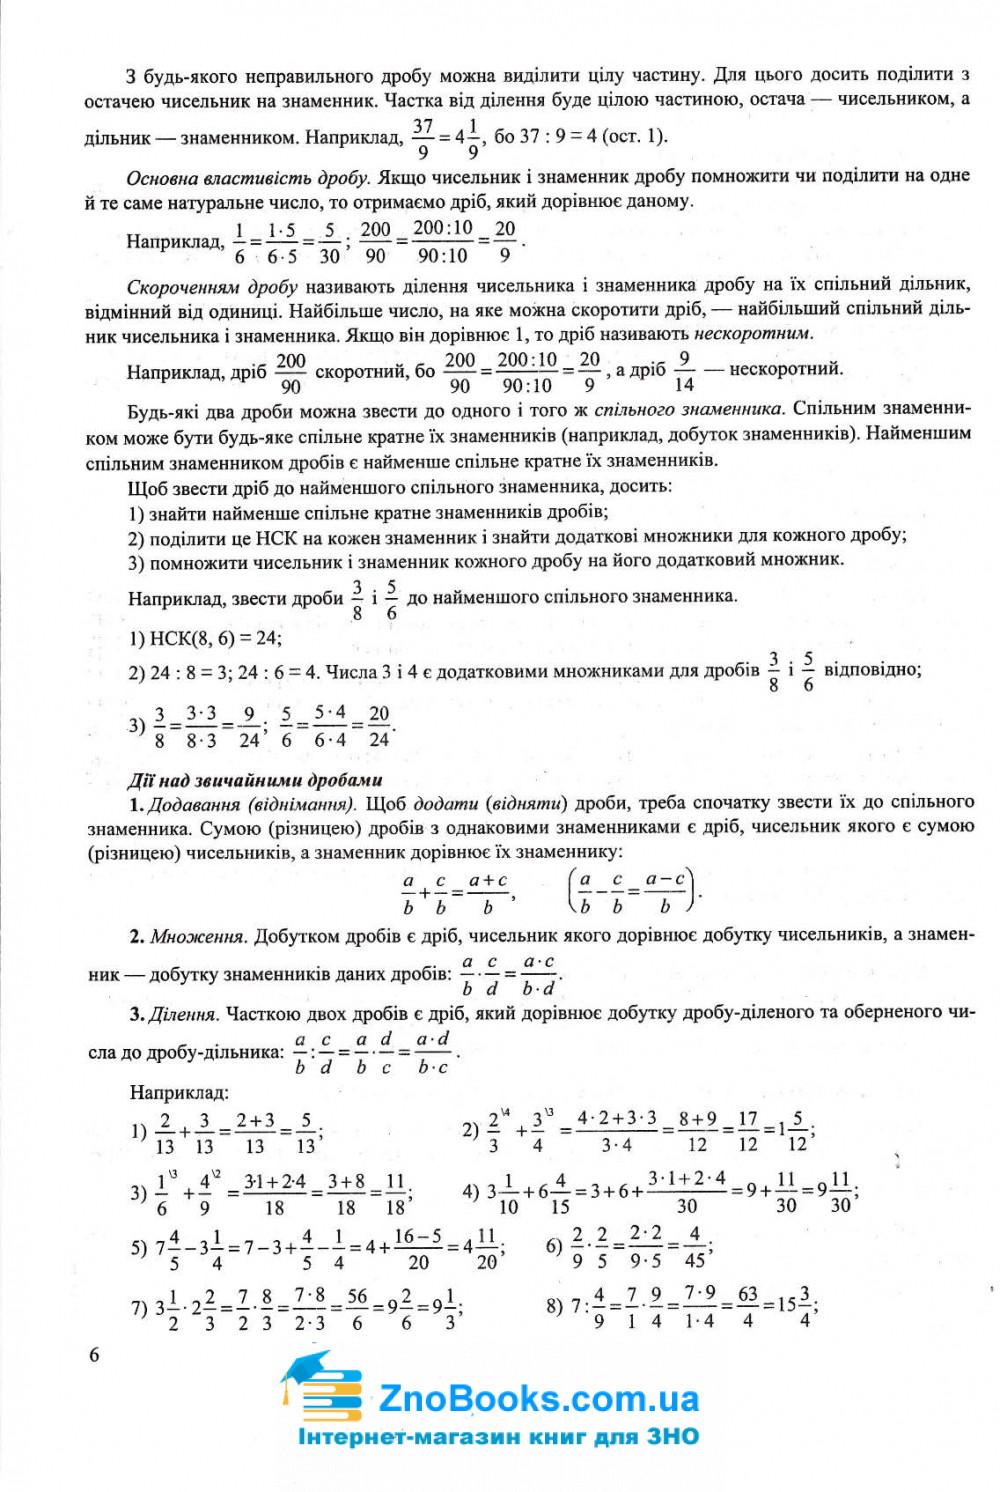 Математика ЗНО 2021 рівень стандарту та профільний. Комплексне видання + Тренажер /КОМПЛЕКТ/ : Капіносов А. Підручники і посібники. 4